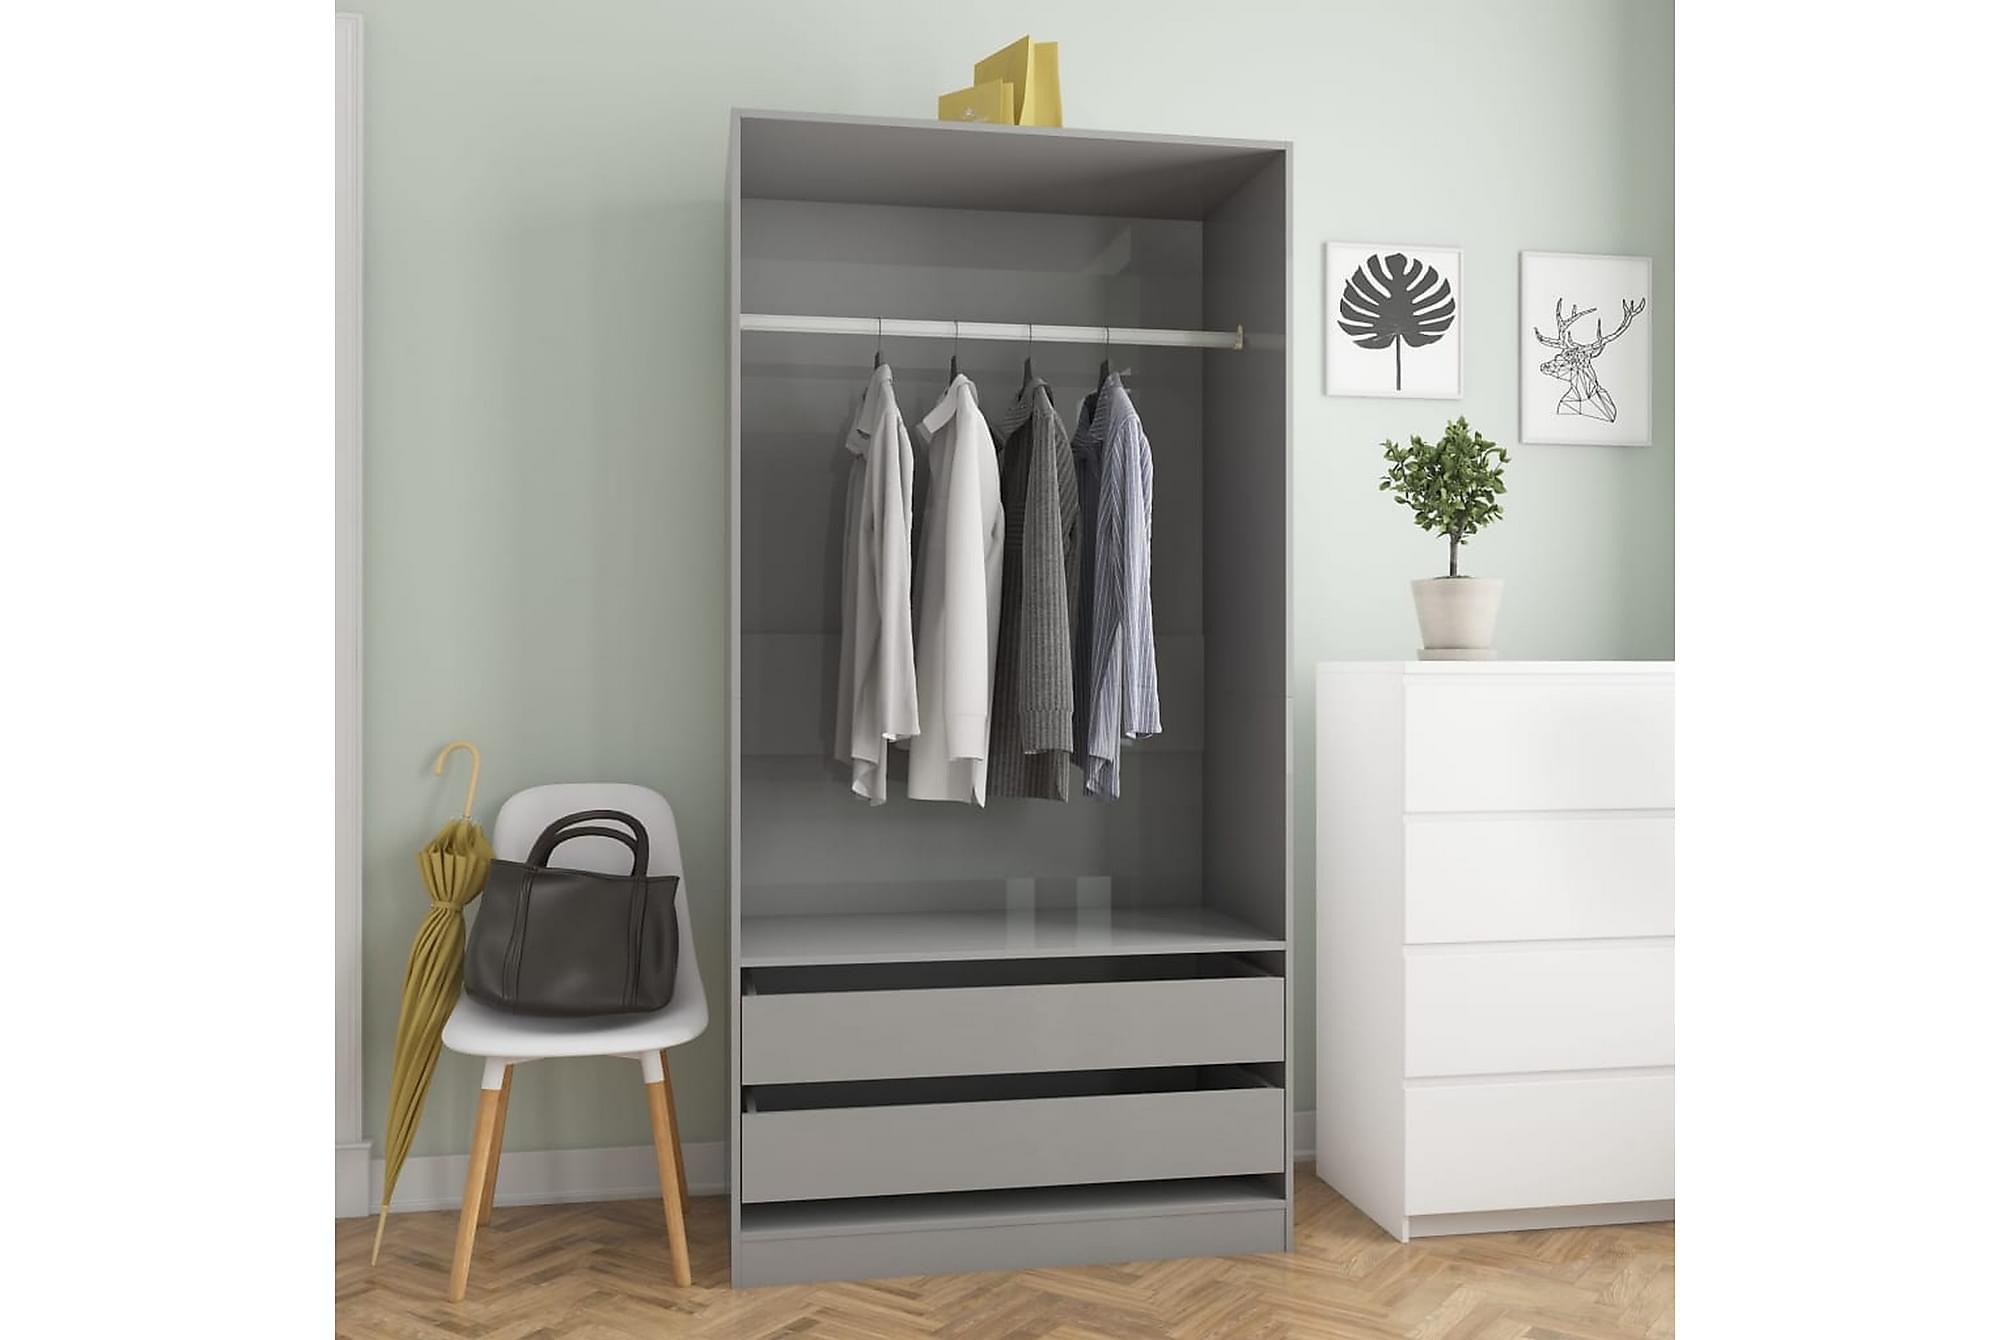 Garderob grå högglans 100x50x200 cm spånskiva